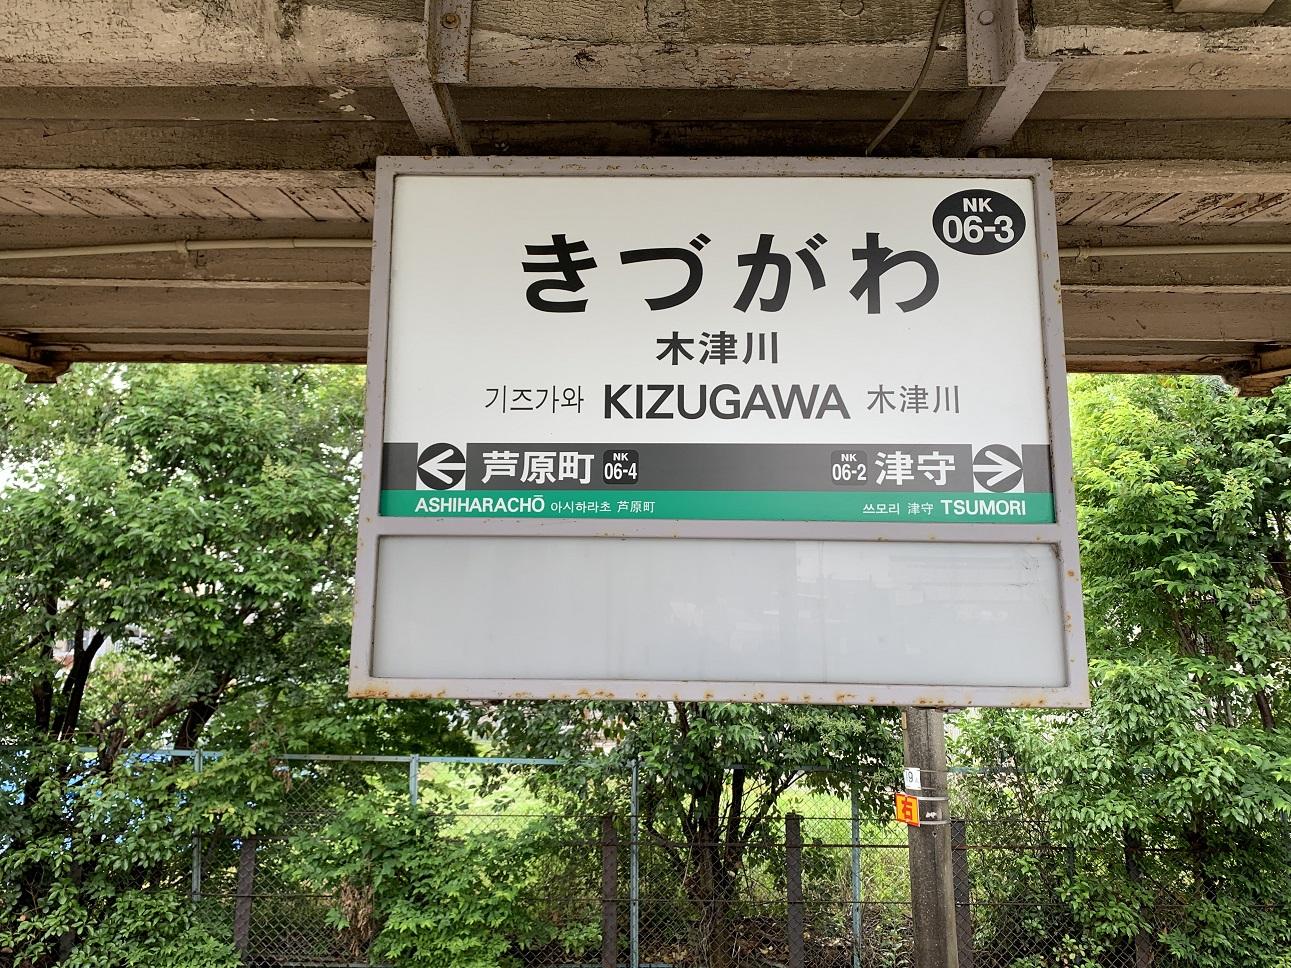 南海汐見橋線木津川駅名標